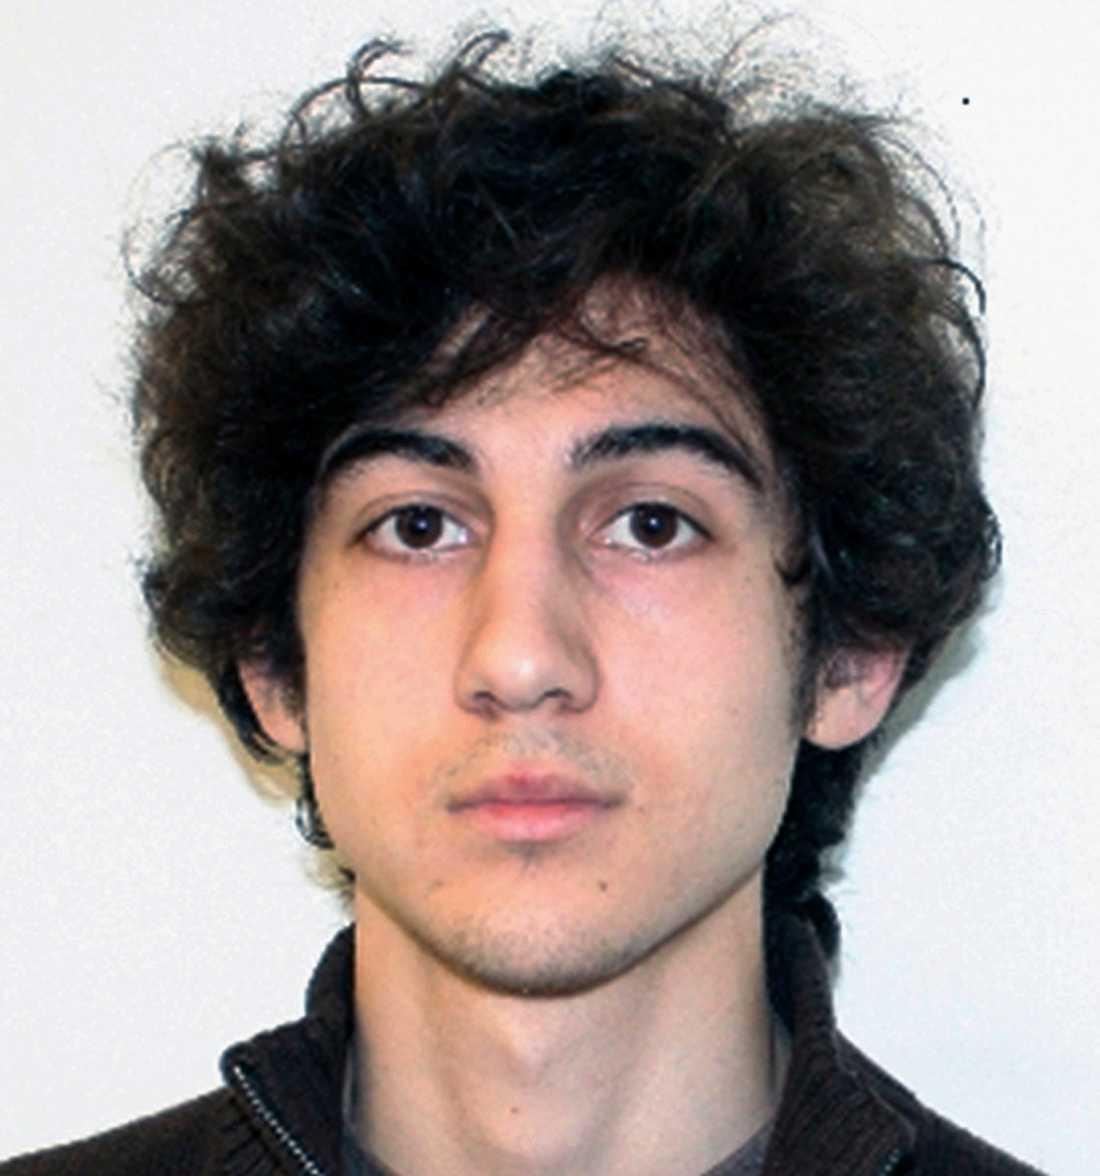 Dzjochar Tsarnaev dömdes 2015 för att tillsammans med sin bror detonerat två bomber vid mållinjen till Boston maraton. Arkivbild.